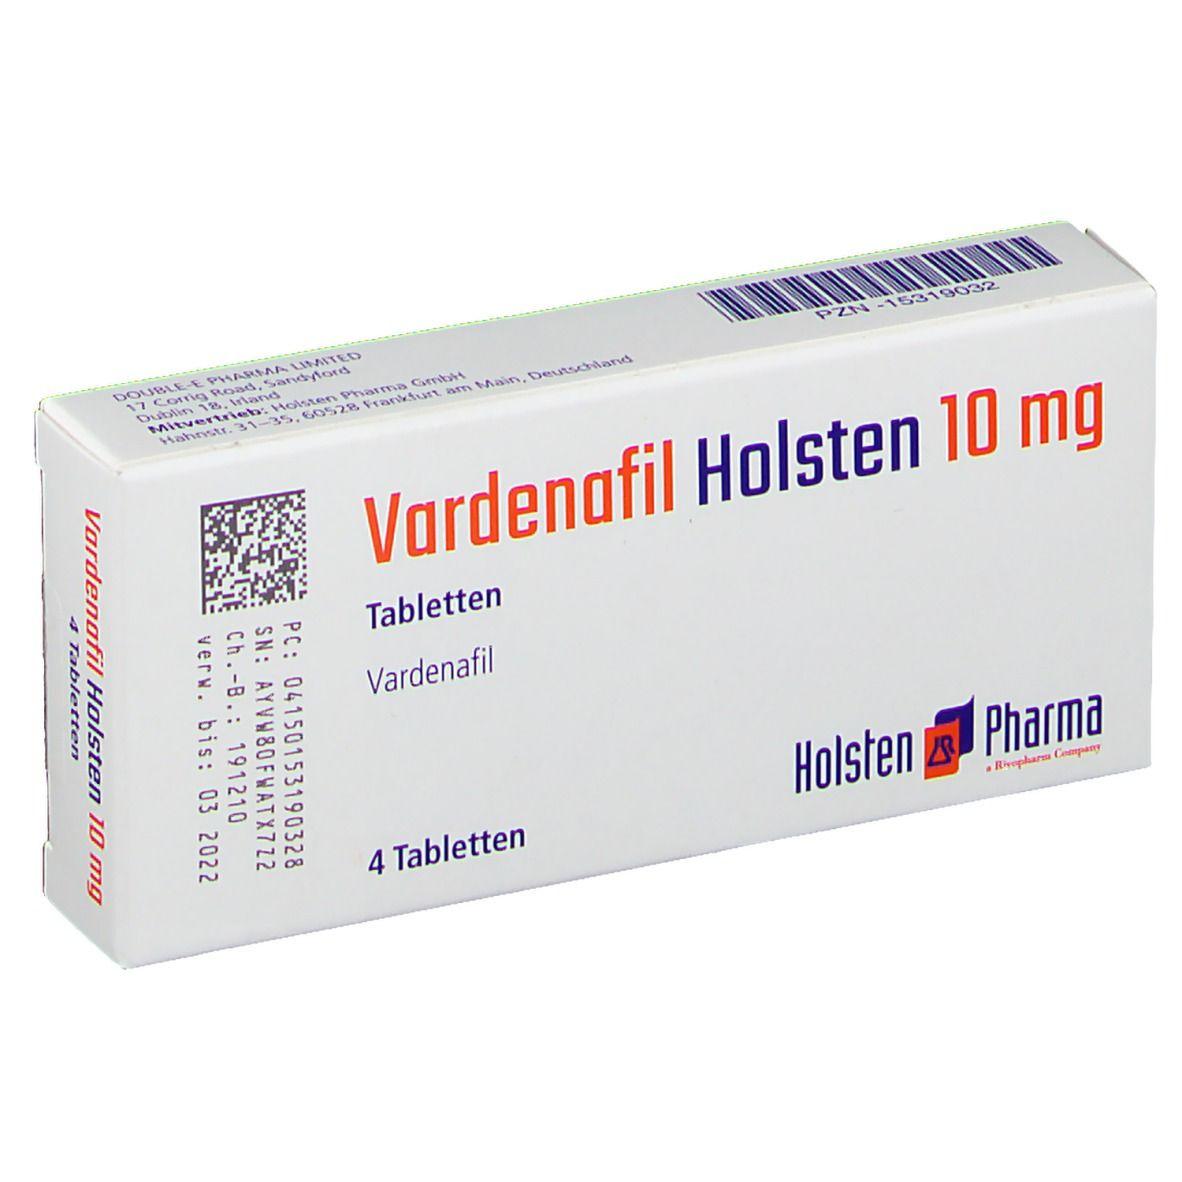 VARDENAFIL Holsten 10 mg Tabletten